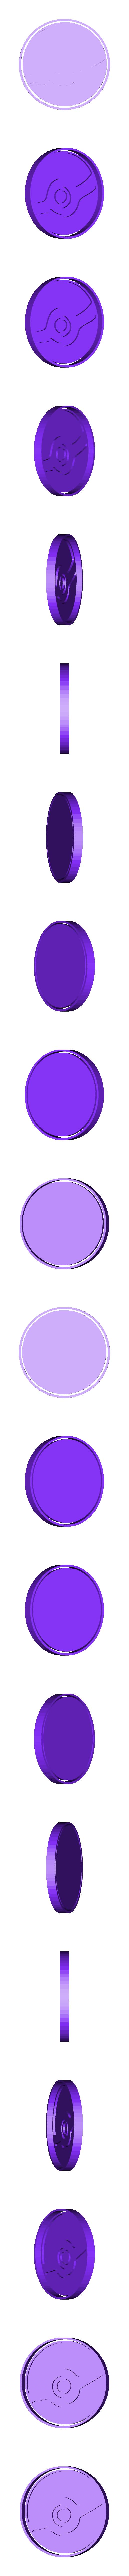 pokeball.stl Download STL file Cookie Cutter Pokeball • 3D printing design, carloseduardoalfonsogarcia